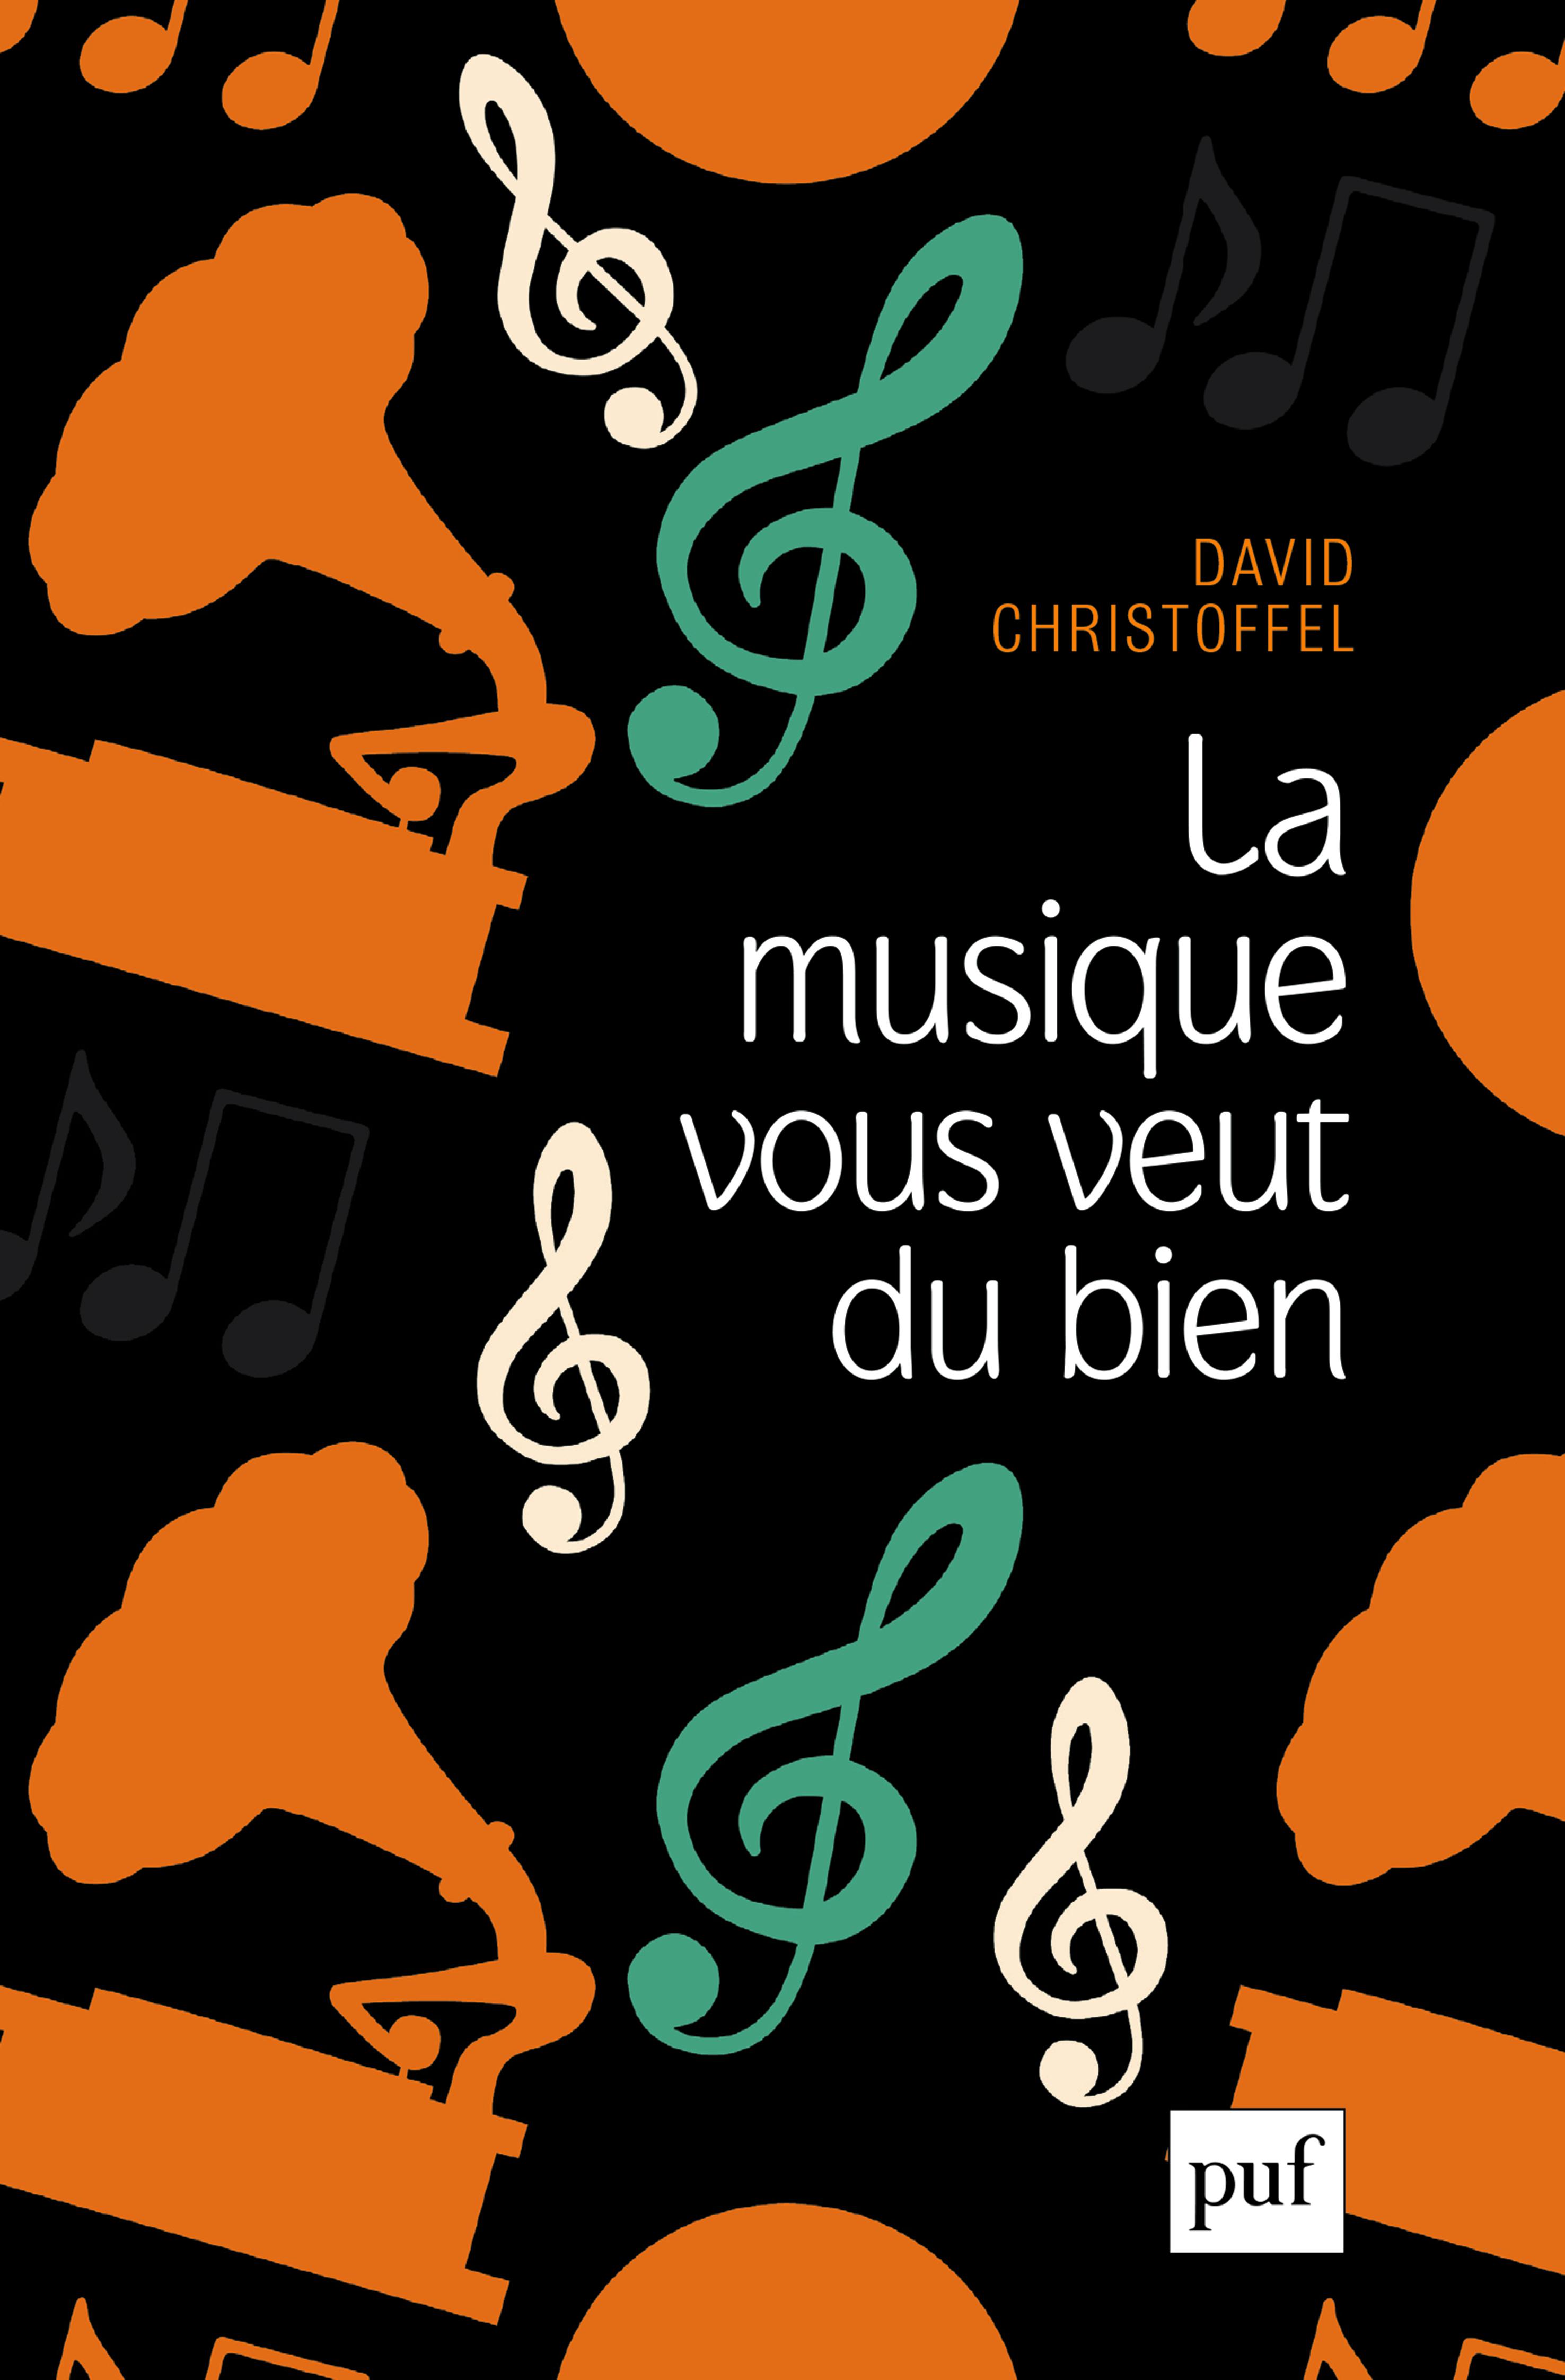 La musique vous veut du bien - David Christoffel - Hors collection - Format  Physique et Numérique | PUF